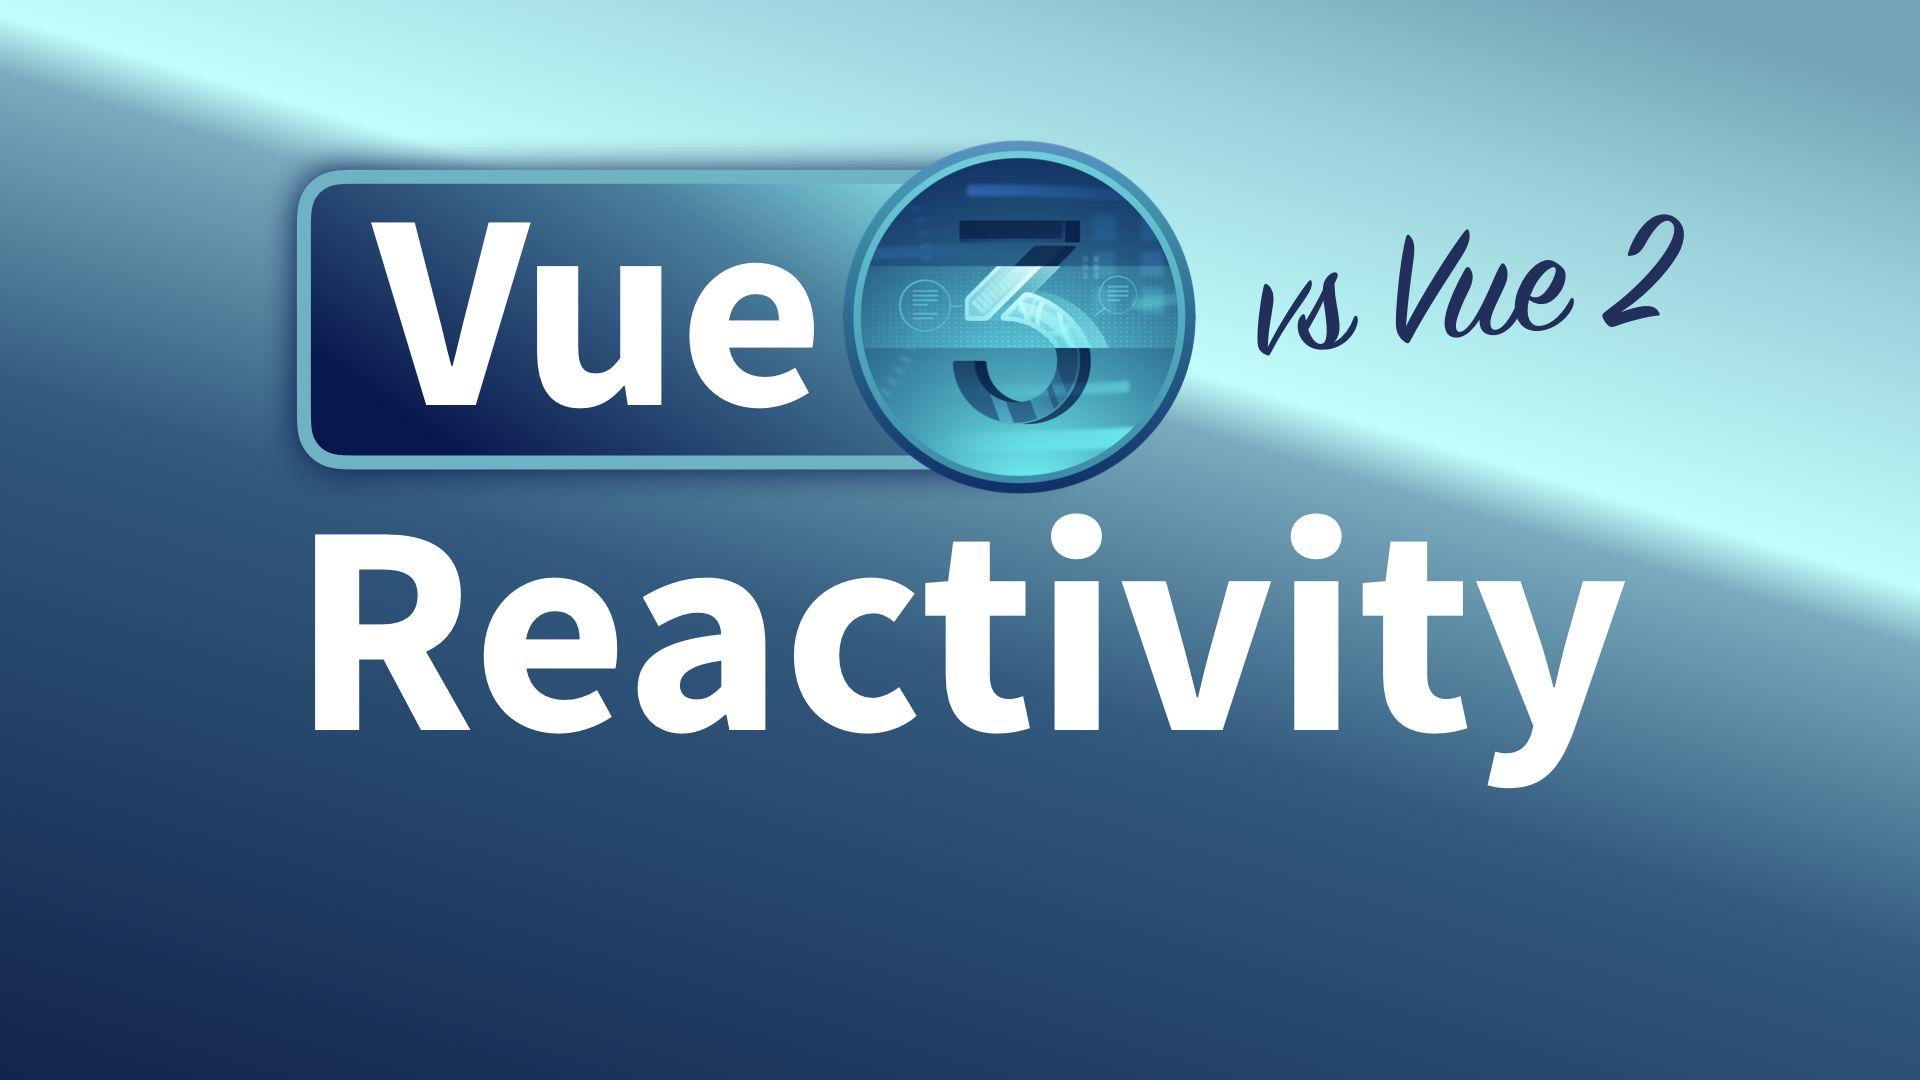 Reactivity: Vue 2 vs Vue 3